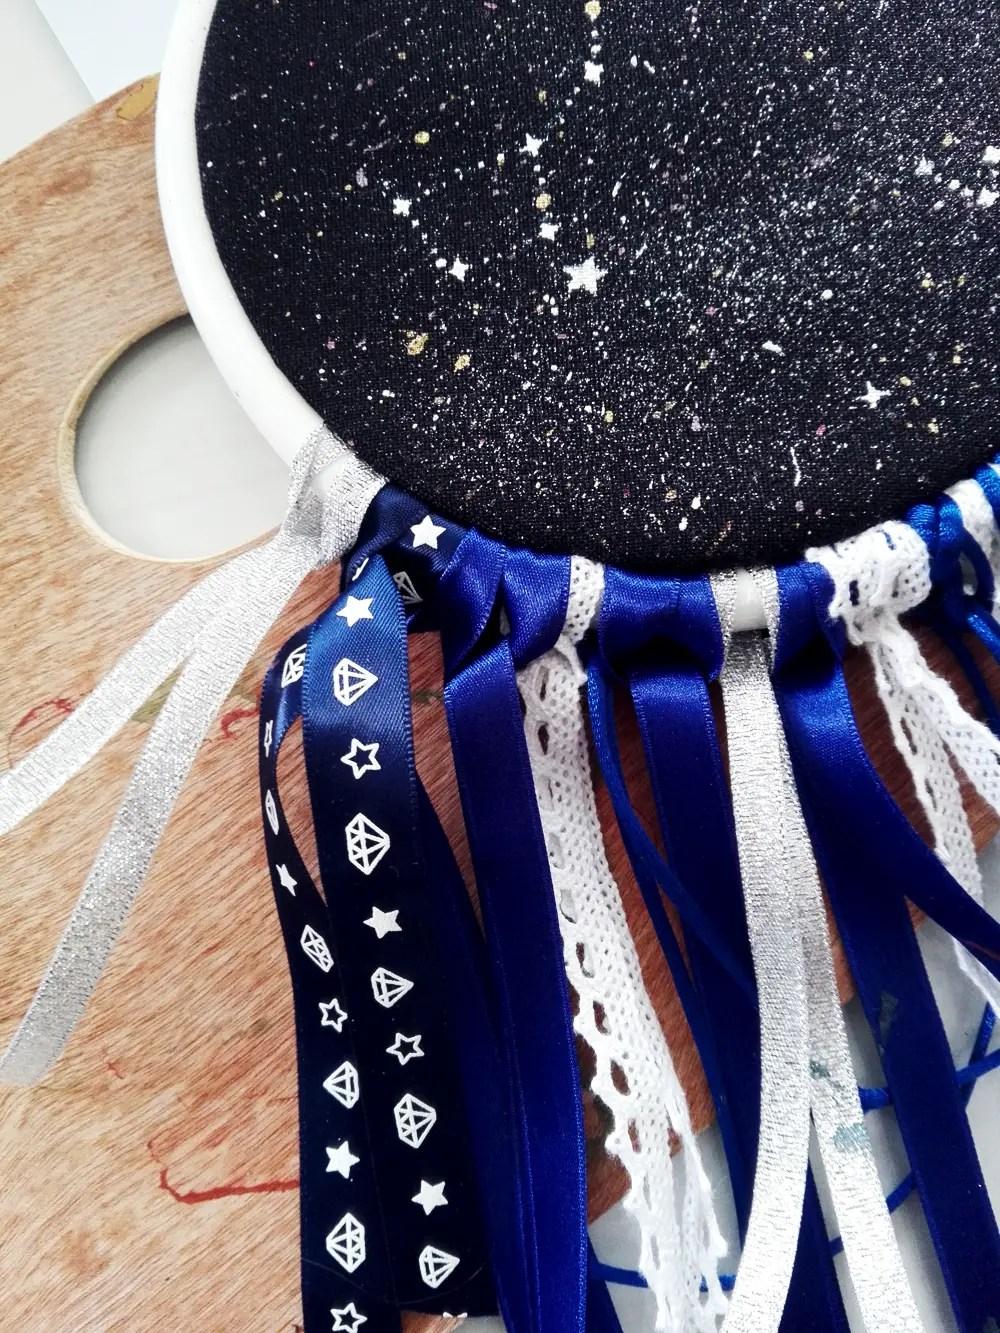 DIY dream-catcher cosmique